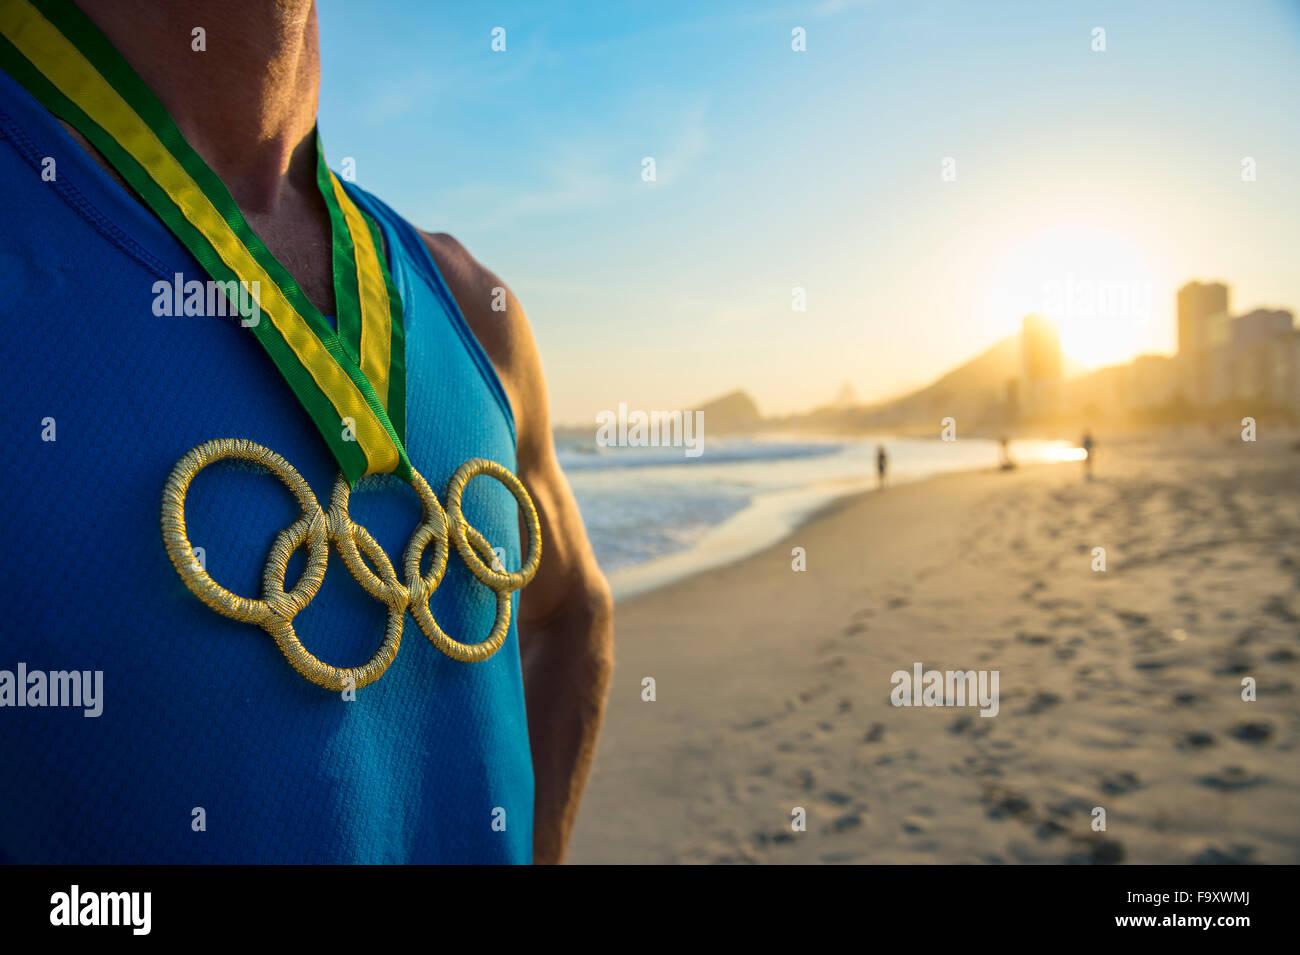 RIO DE JANEIRO, Brésil - 30 octobre 2015: Athlète portant des anneaux olympiques médaille d'or Photo Stock